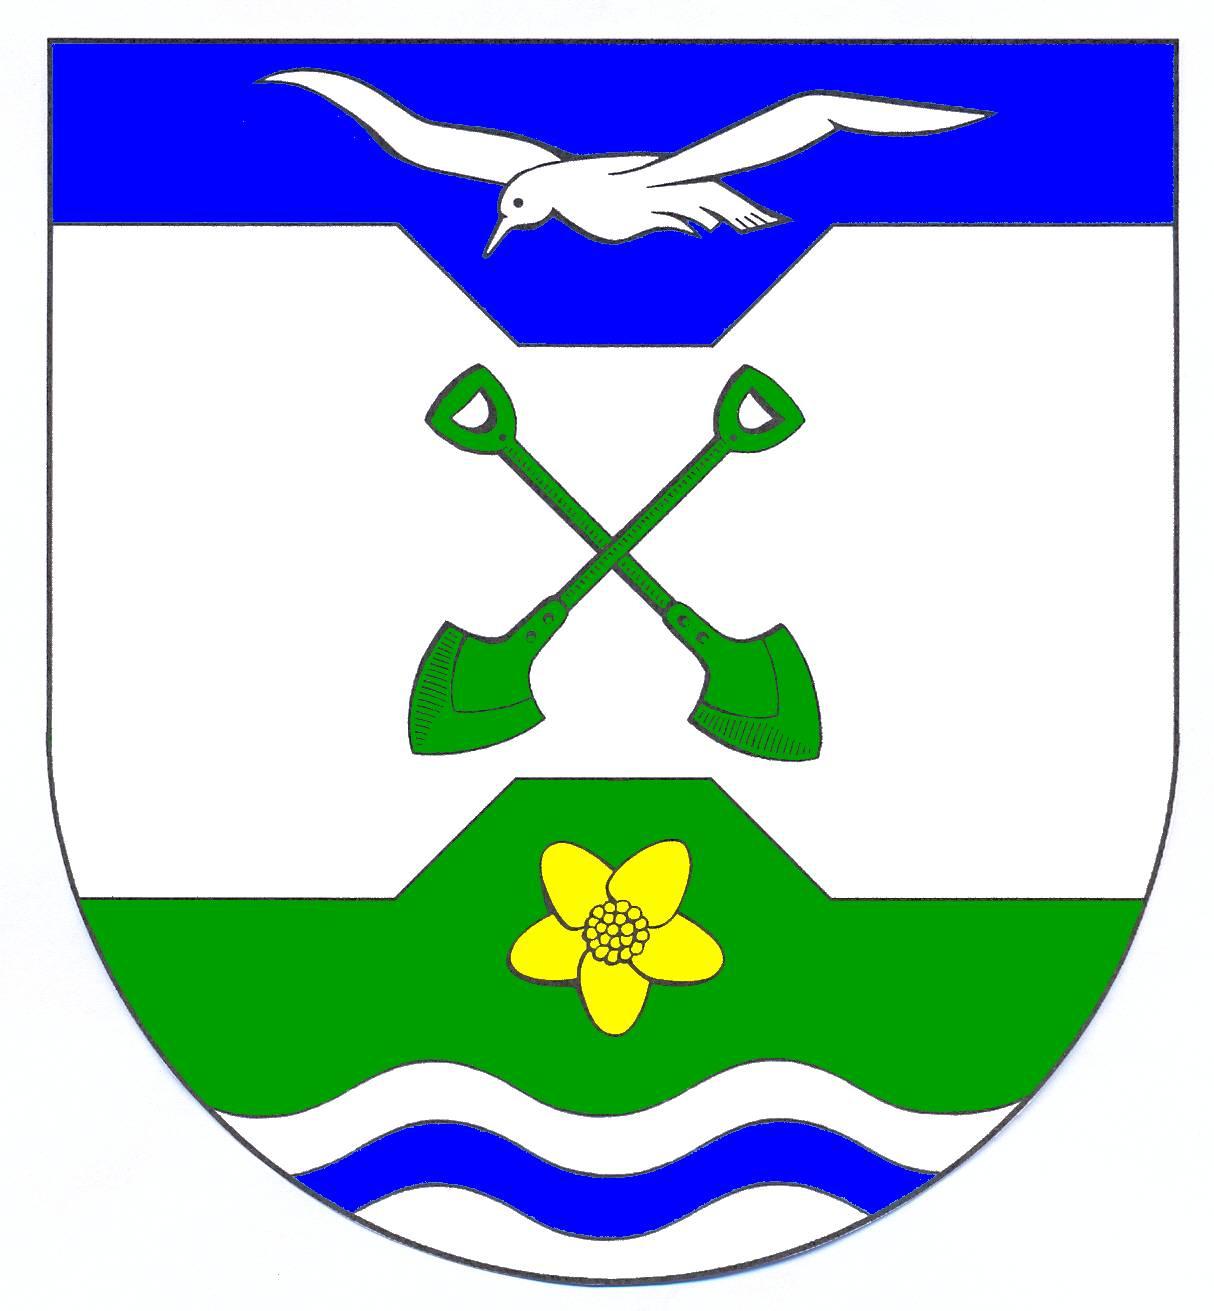 Wappen GemeindeElisabeth-Sophien-Koog, Kreis Nordfriesland